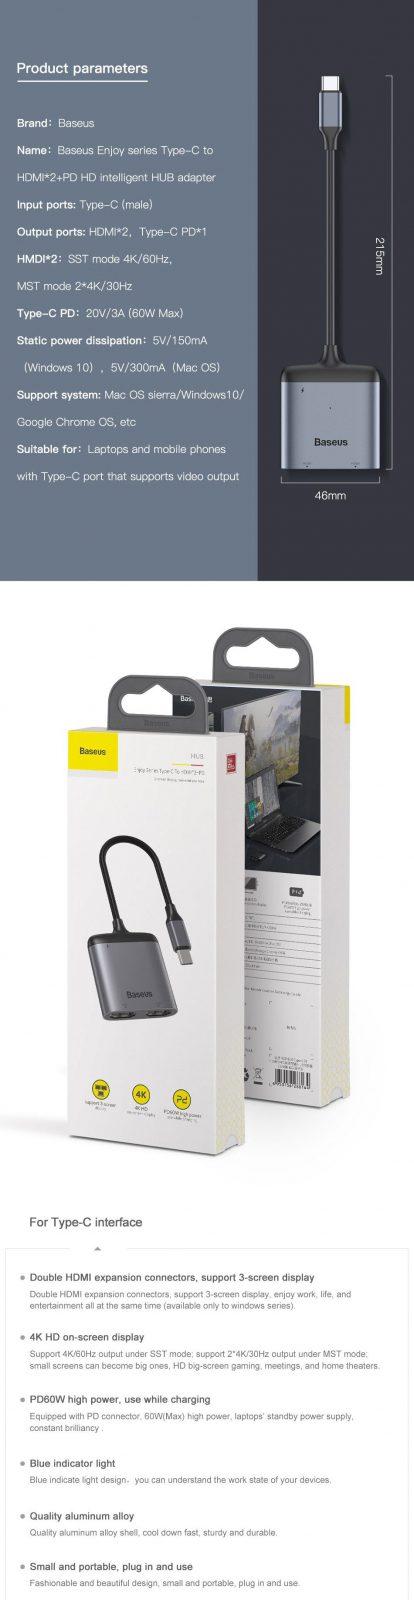 Baseus Usb C Type C To Hdmi X 2 Pd Hd Intelligent Hub Adapter (16)